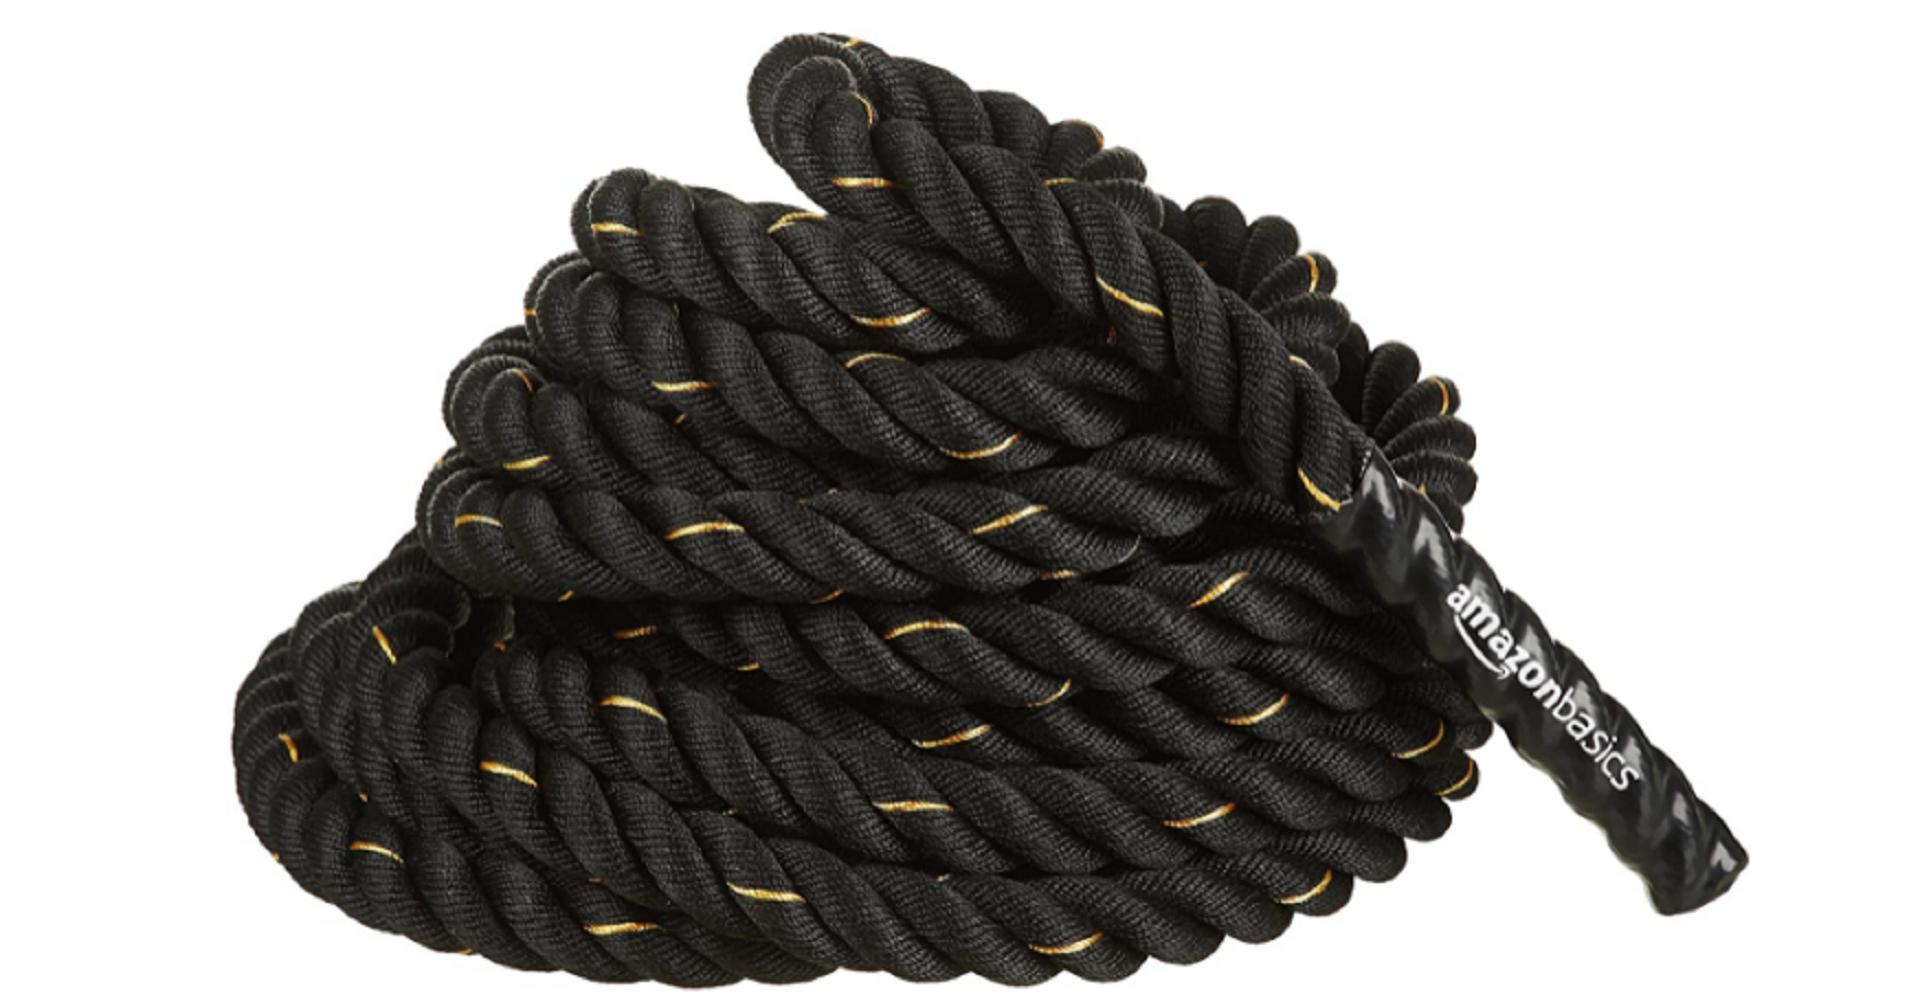 amazon basics battle rope